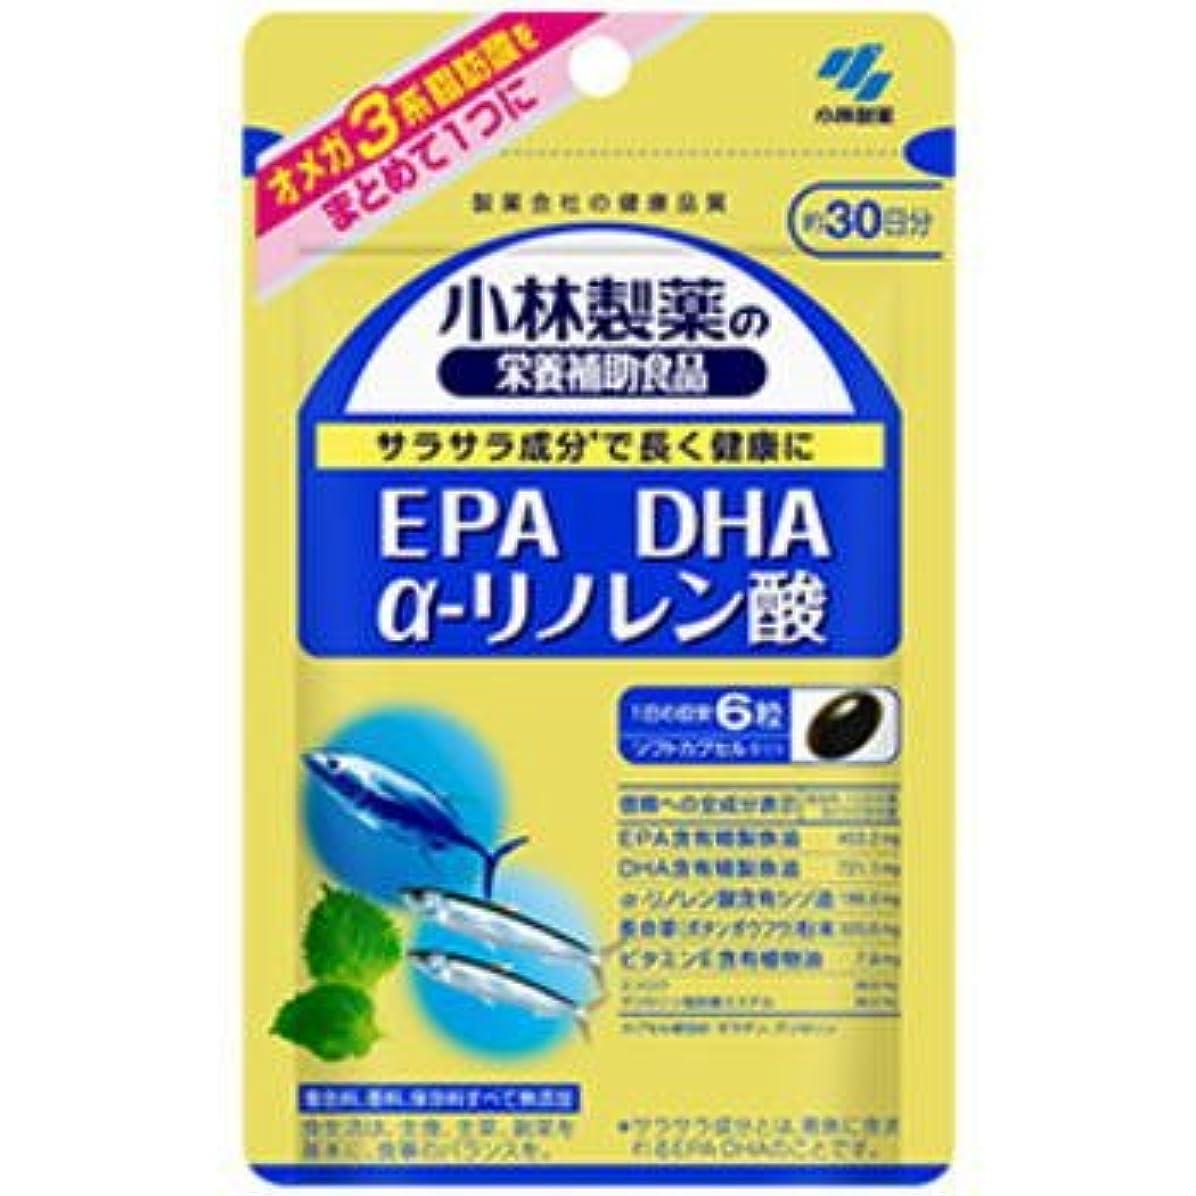 ジャンク幾何学消防士小林製薬 EPA DHA α-リノレン酸 180粒×3個セット【ネコポス発送】